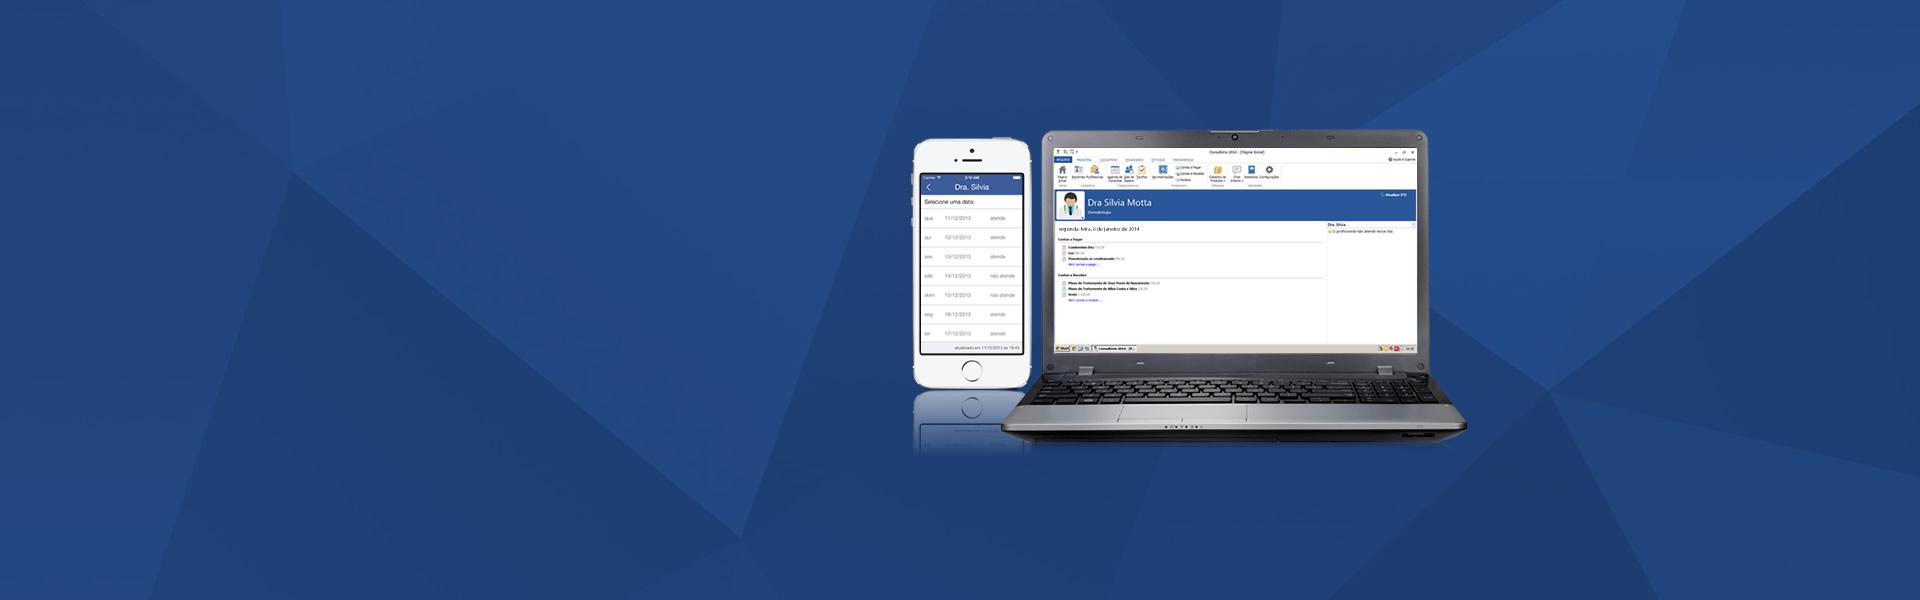 Sistema de Gerenciamento para Consultório (software médico) possui agenda médica online